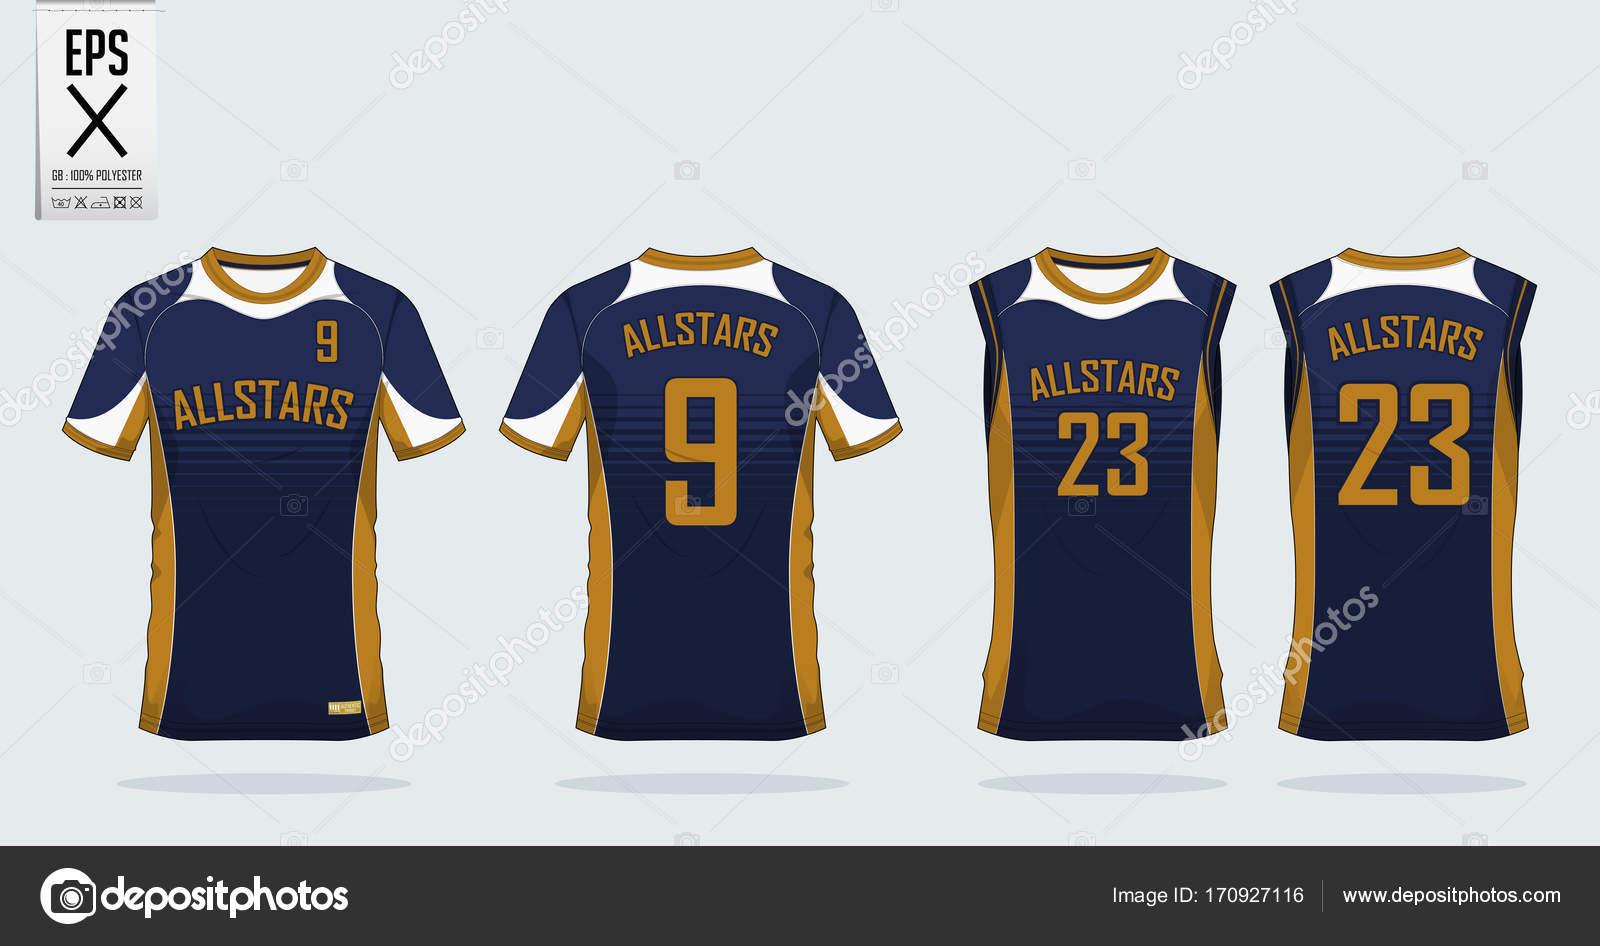 2ea57fe1a1aad Azul y oro t camisa deporte diseño una plantilla para camiseta de fútbol